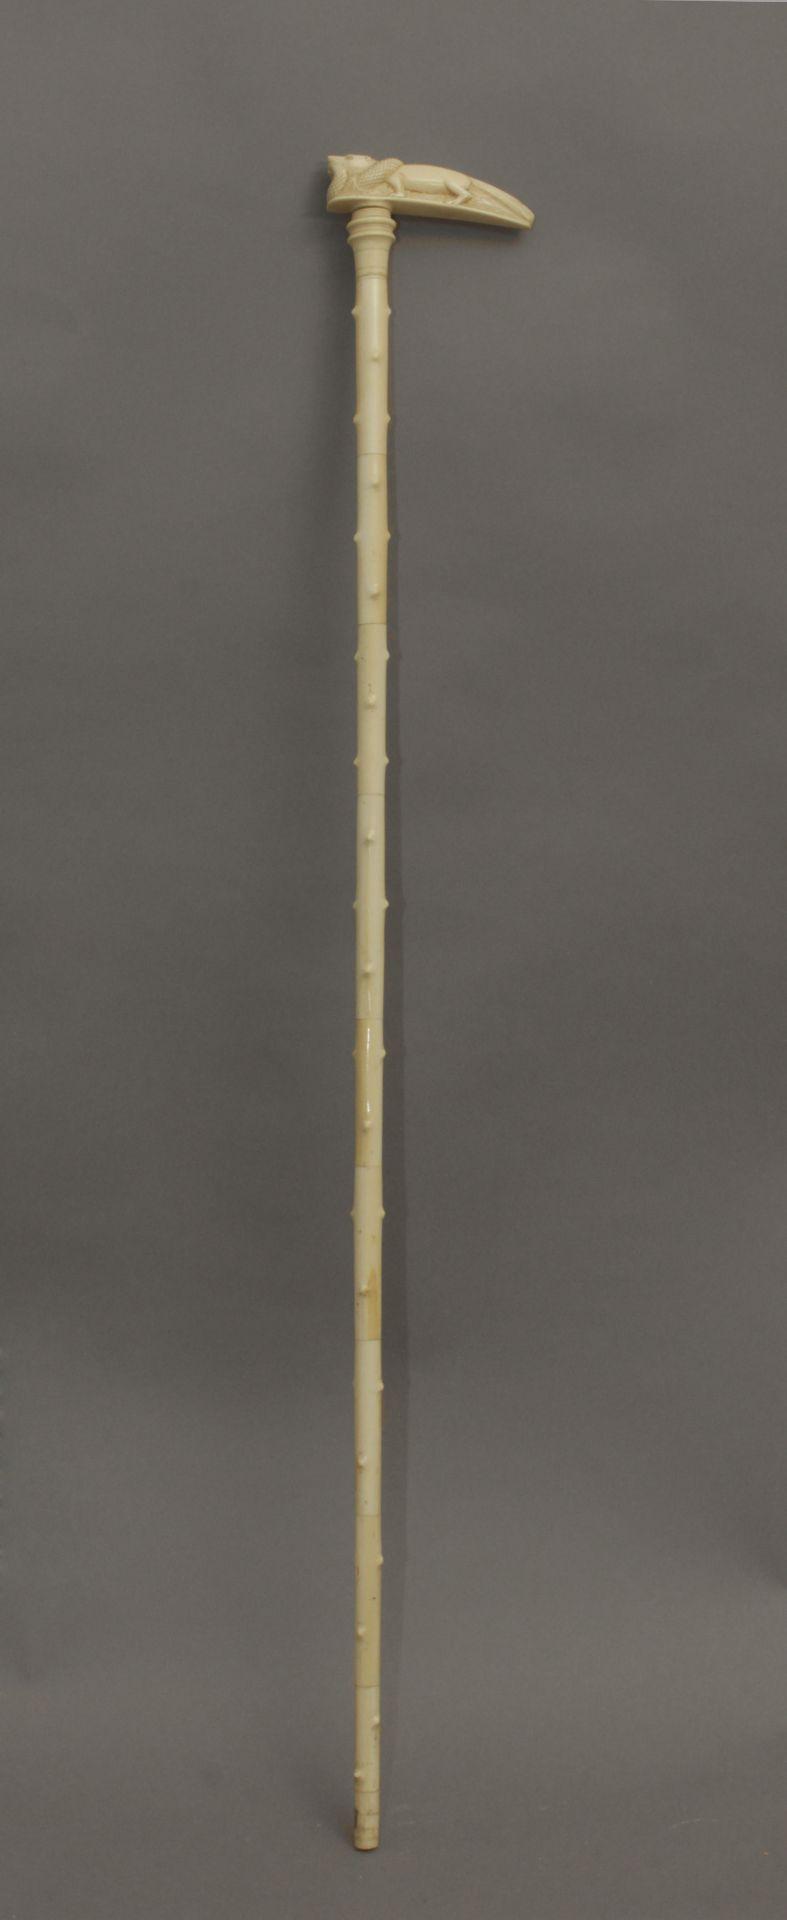 A 20th century walking stick - Bild 4 aus 6